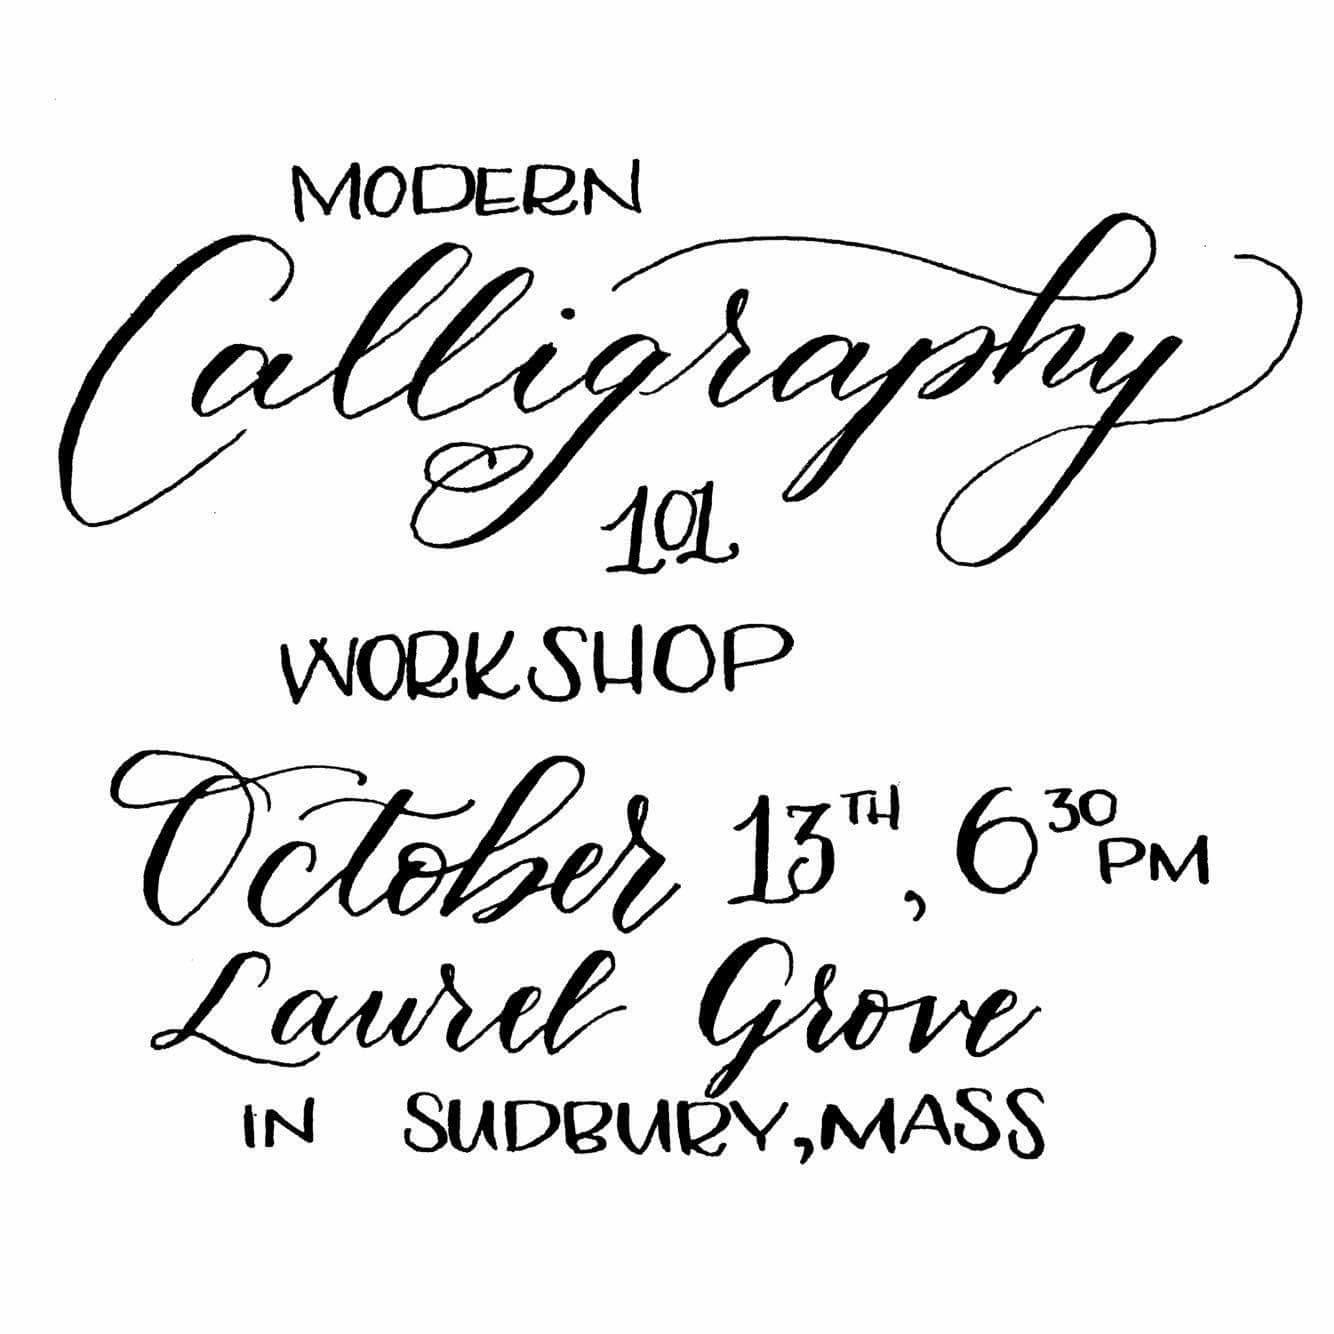 Modern Calligraphy Class 10 13 16